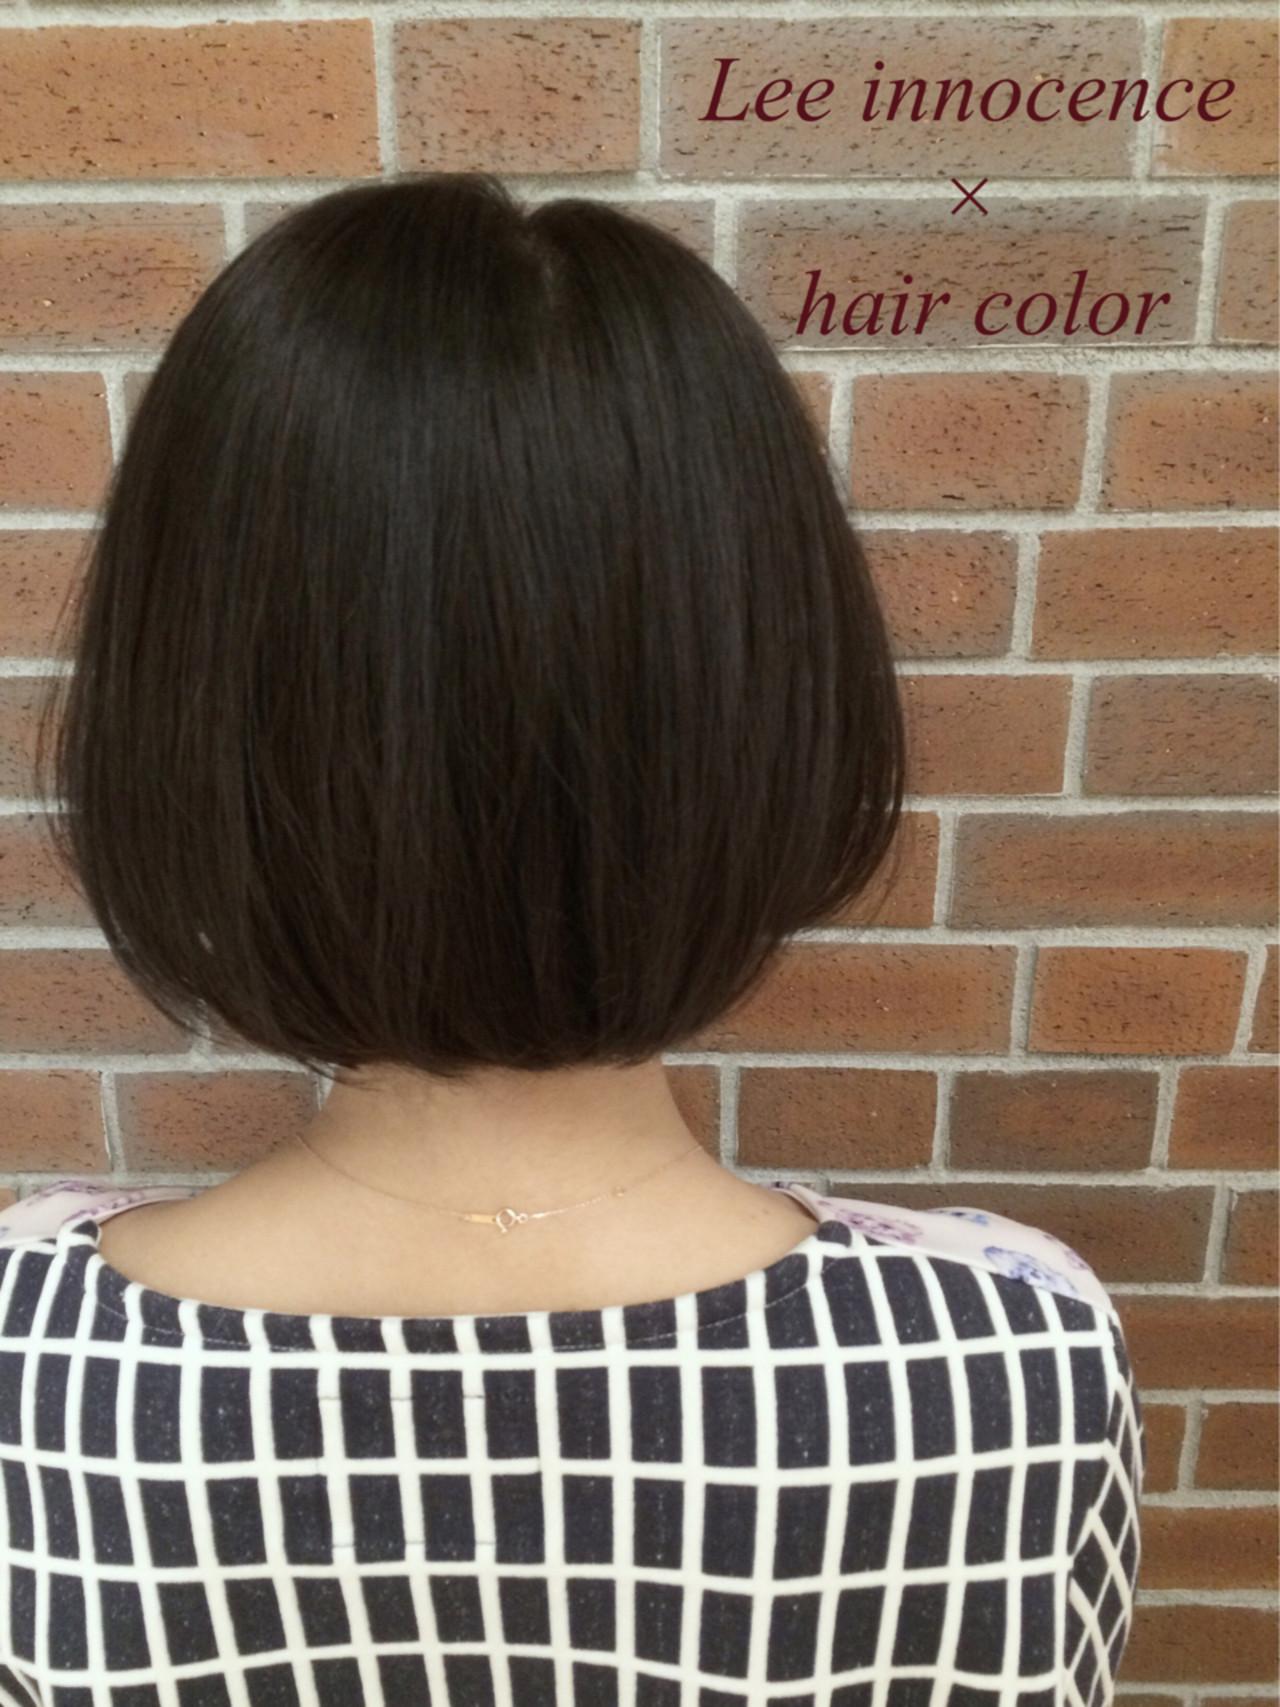 外国人風 ボブ ナチュラル 色気 ヘアスタイルや髪型の写真・画像 | Lee innocence 宮本伸一(shin) / Lee innocence 西宮北口店